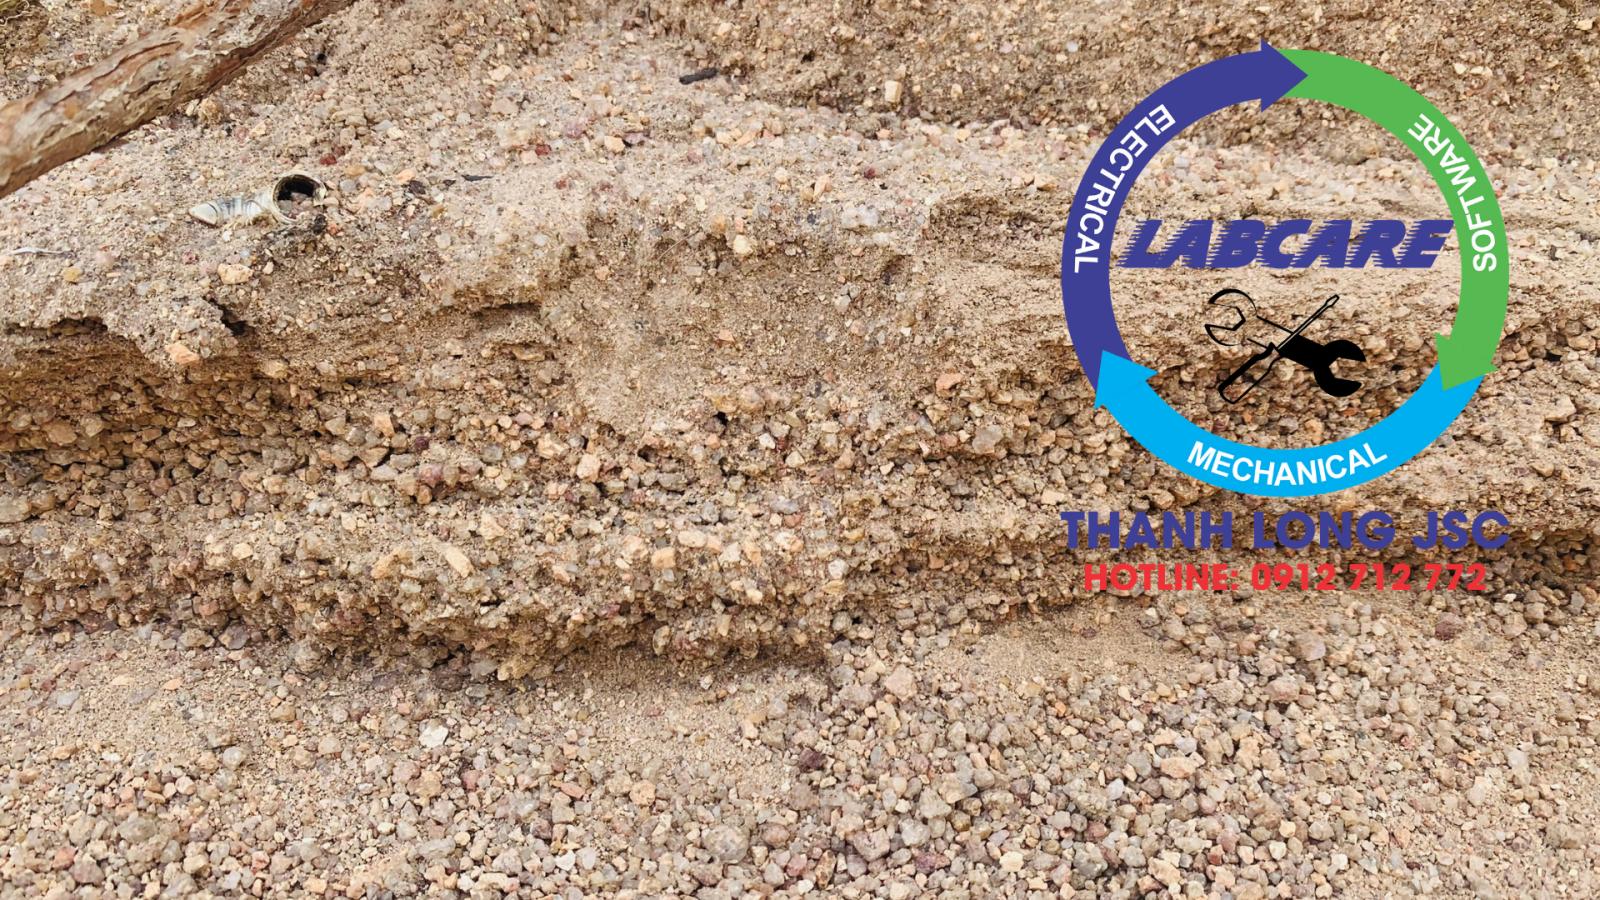 nghiền vừa rửa cát đồi